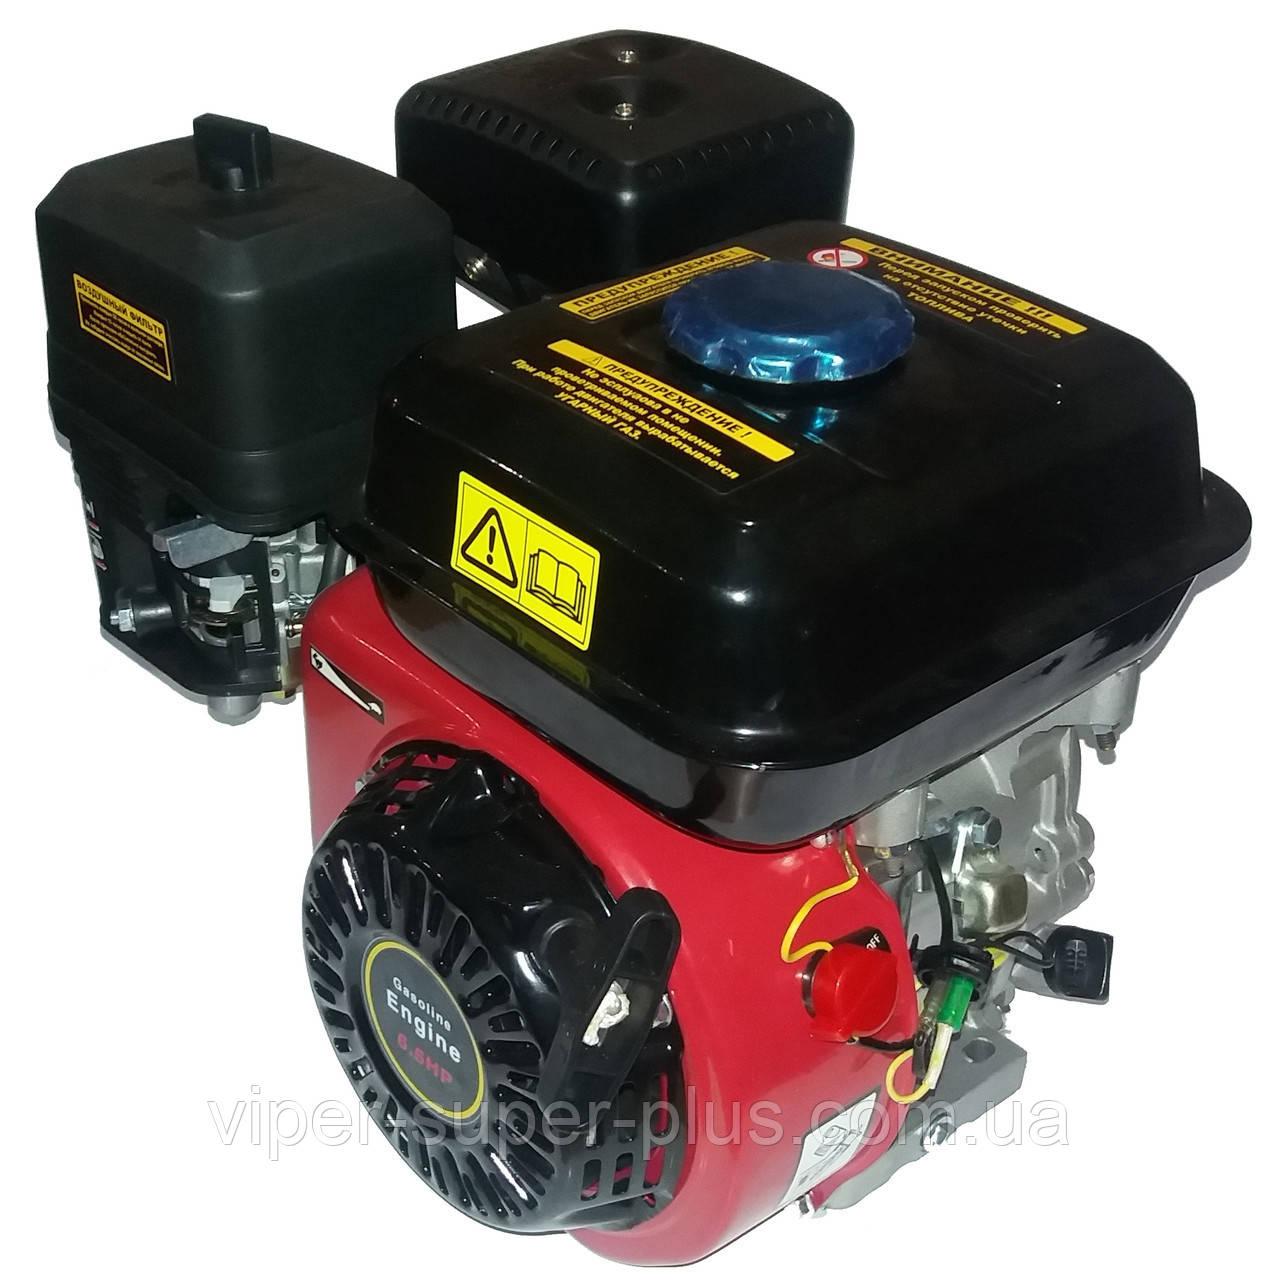 Двигатель Бензиновый к мотоблоку ЗУБР (ZUBR) VIPER 168 F-1 (6.5 л.с.) под шпонку, (для мотоблока на ремнях)